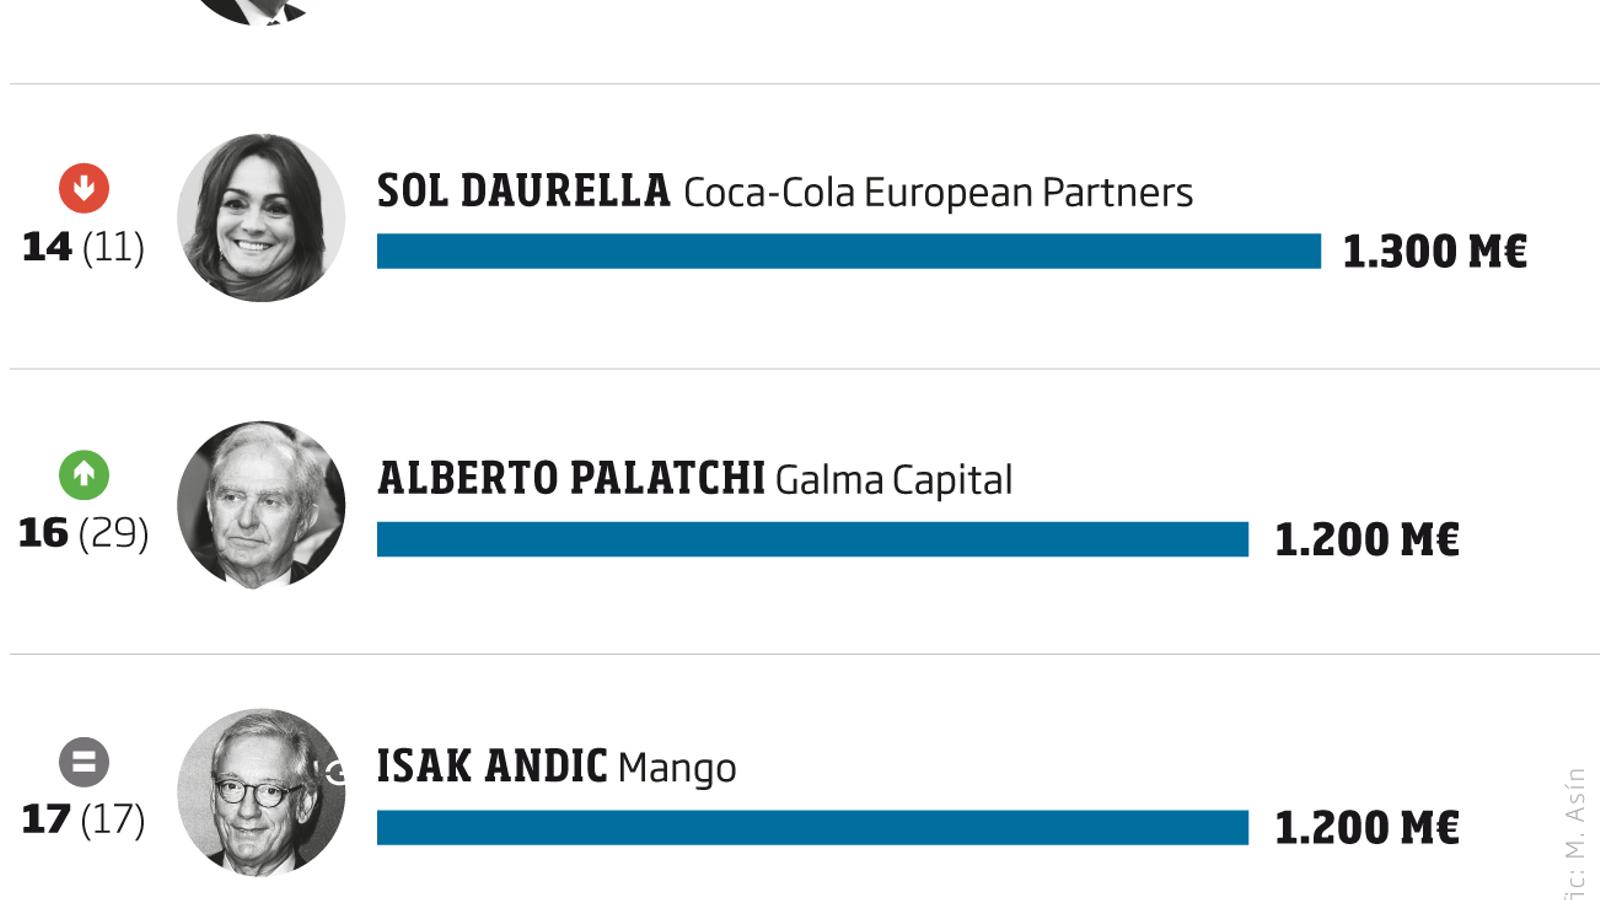 Manuel Lao, el català més ric amb 1.400 M€